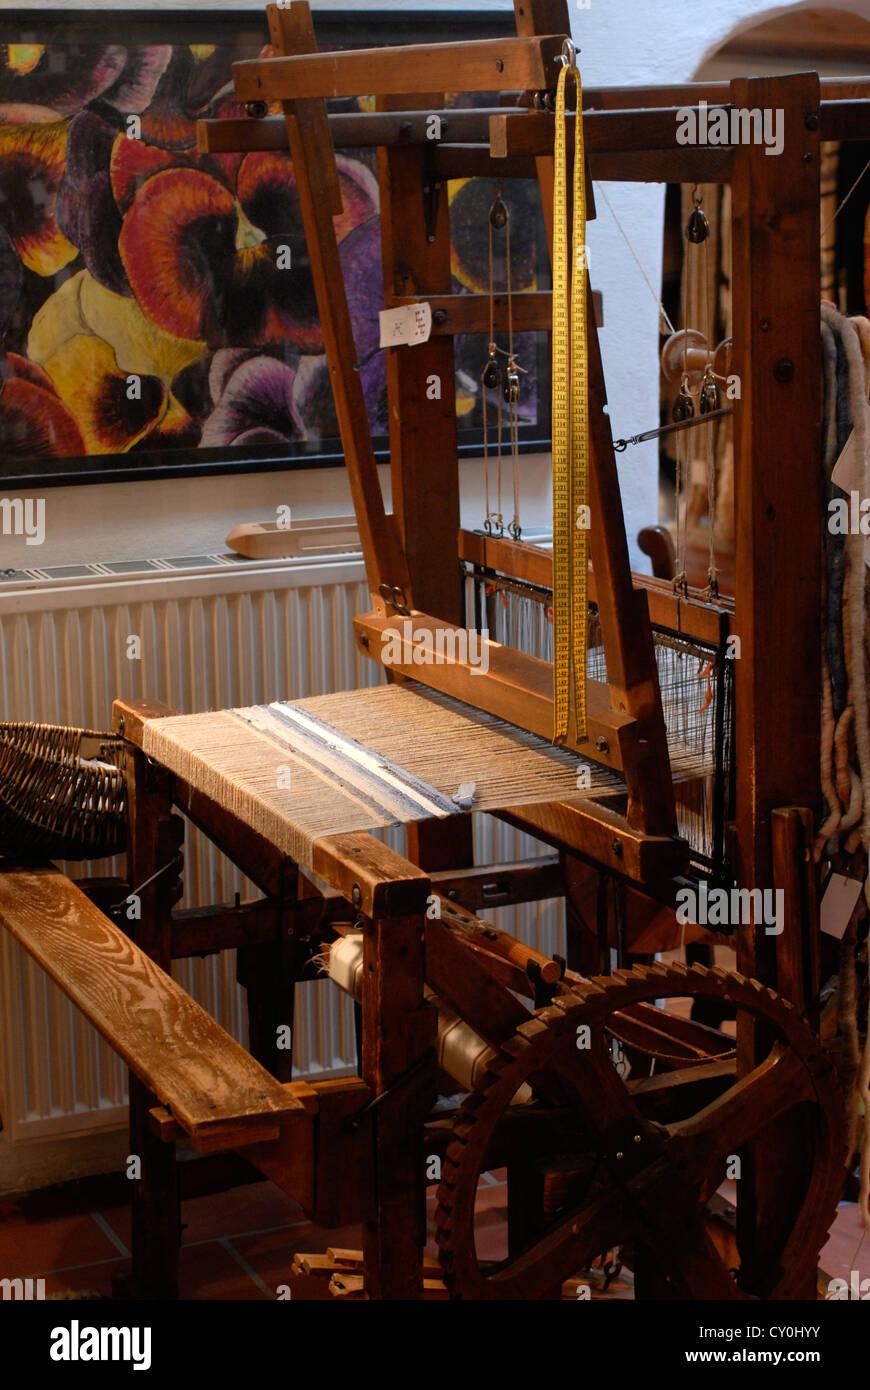 Handcraft,  Getreidegasse,  Rupert, Weiss Factory,  Carpet Shop, Salzburg, Austria,  Europe - Stock Image